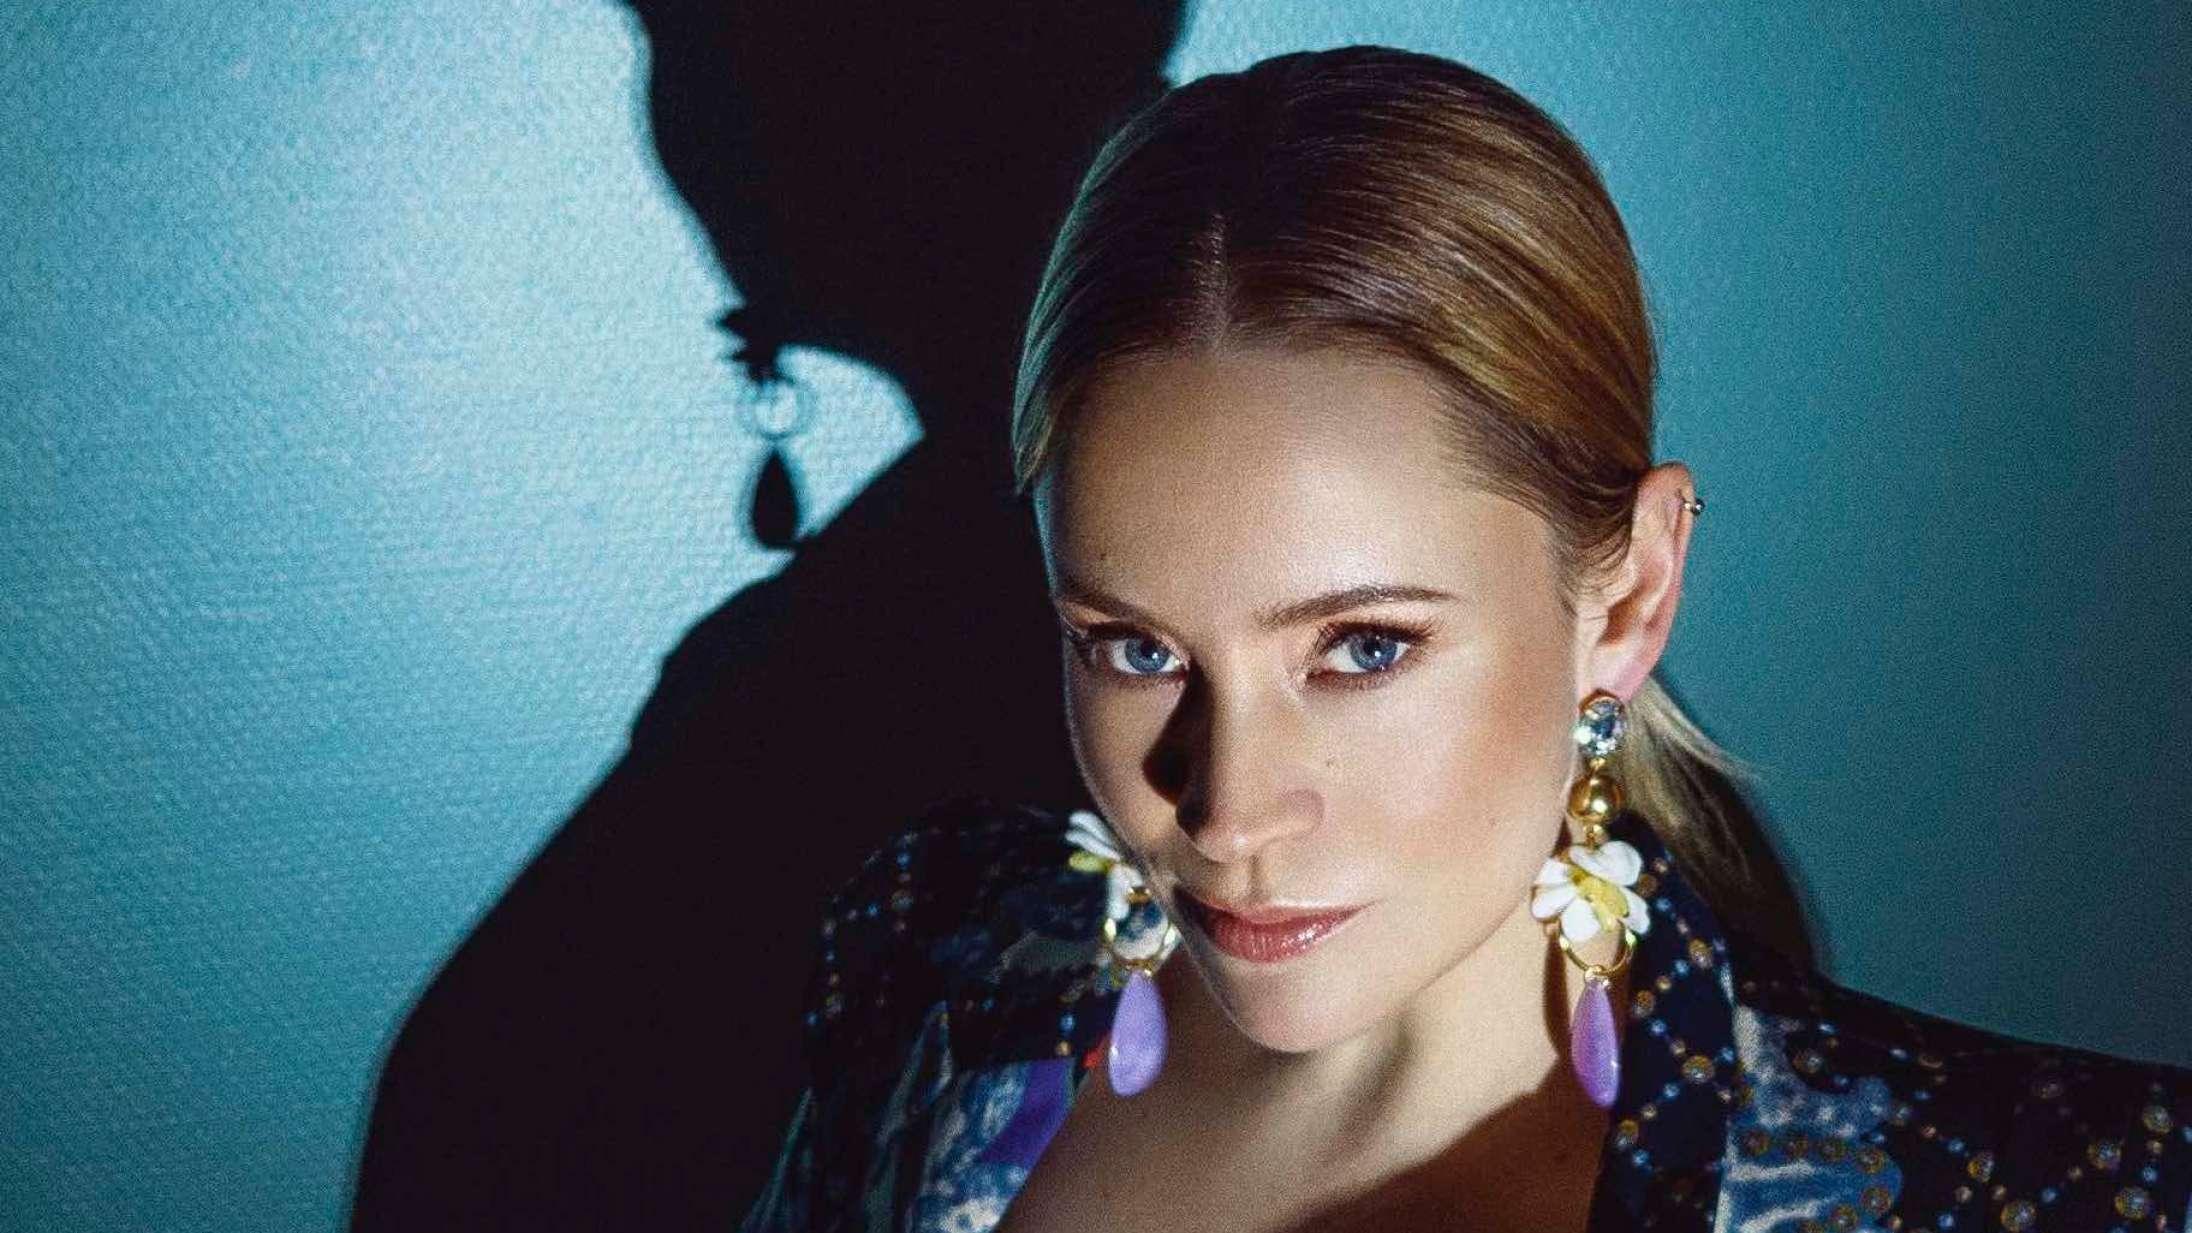 Efter 11 års albumpause er den norske popsanger Annie tilbage med en ny stil